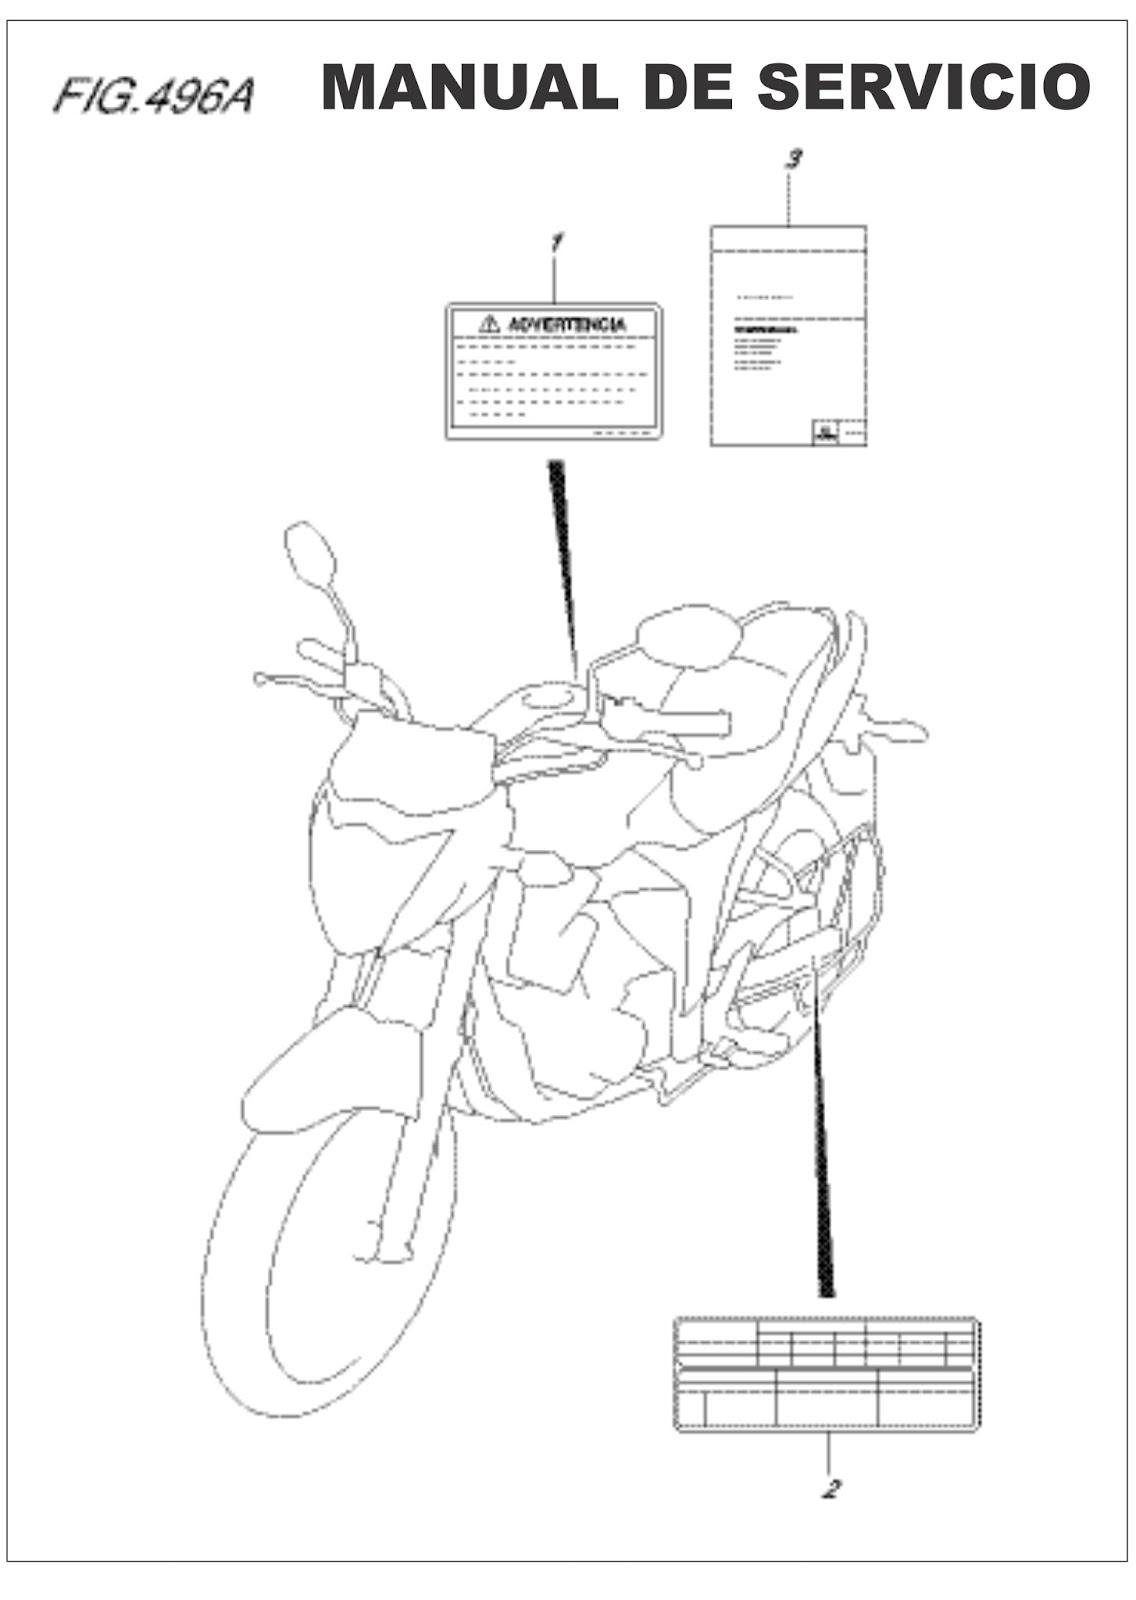 Suzuki Gixxer 150 manual de servicio (manual de taller